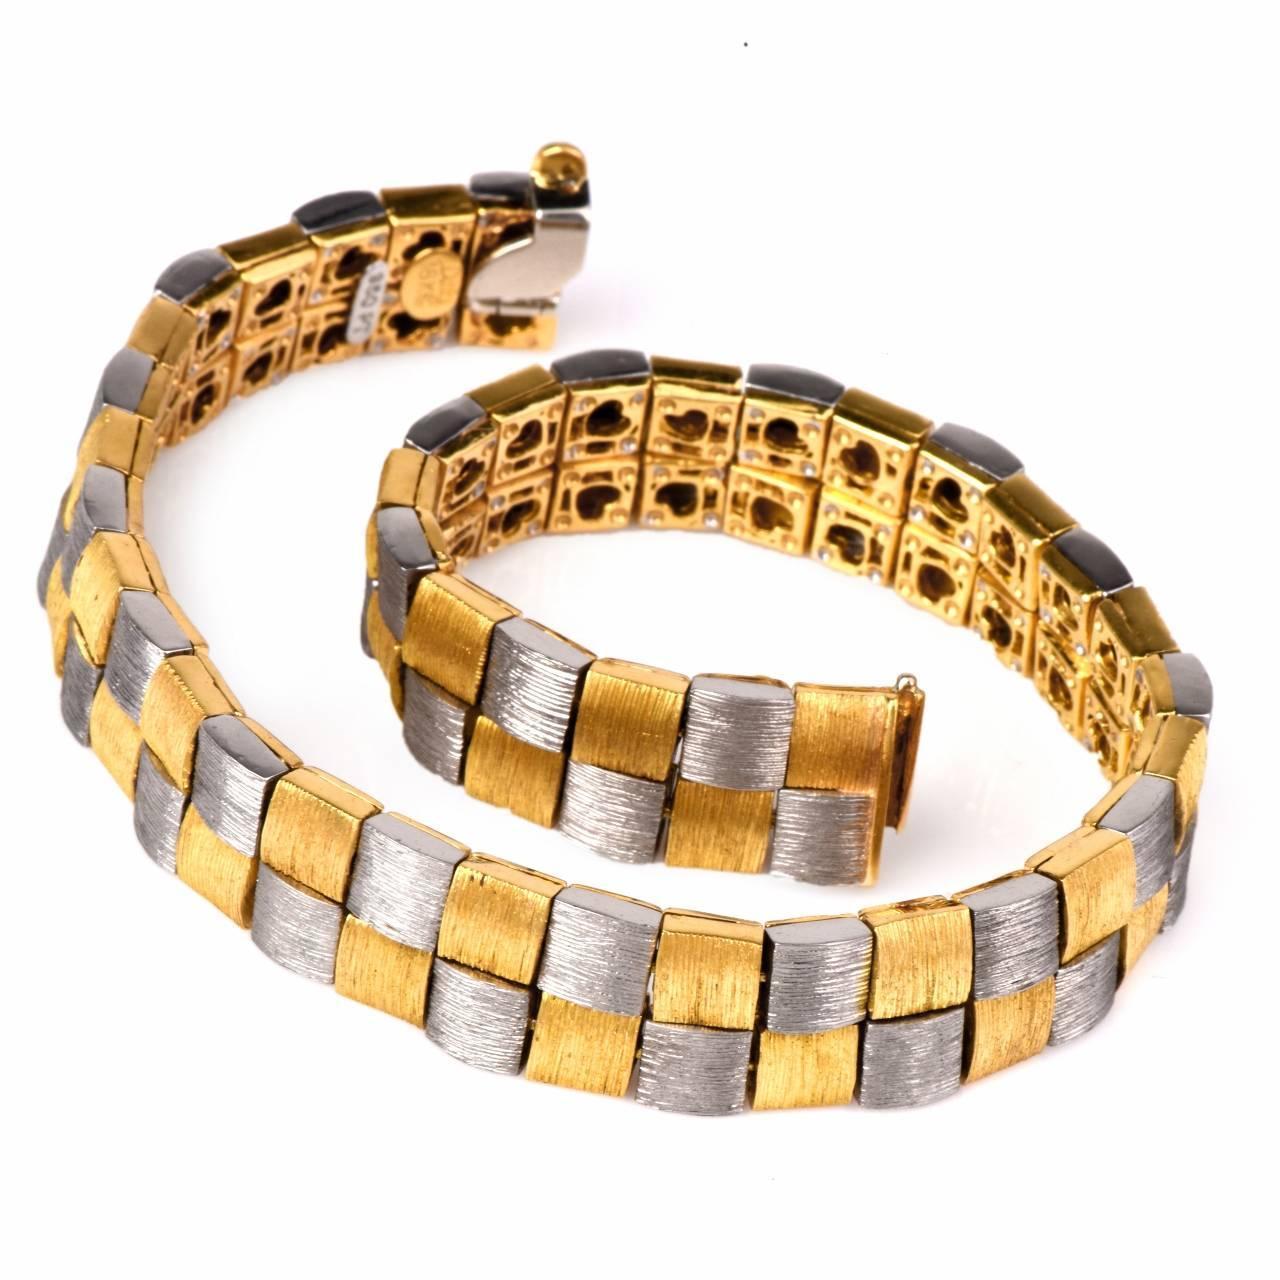 Henry Dunay Two Color Gold Platinum Men's Link Bracelet ... Platinum Bracelets For Men